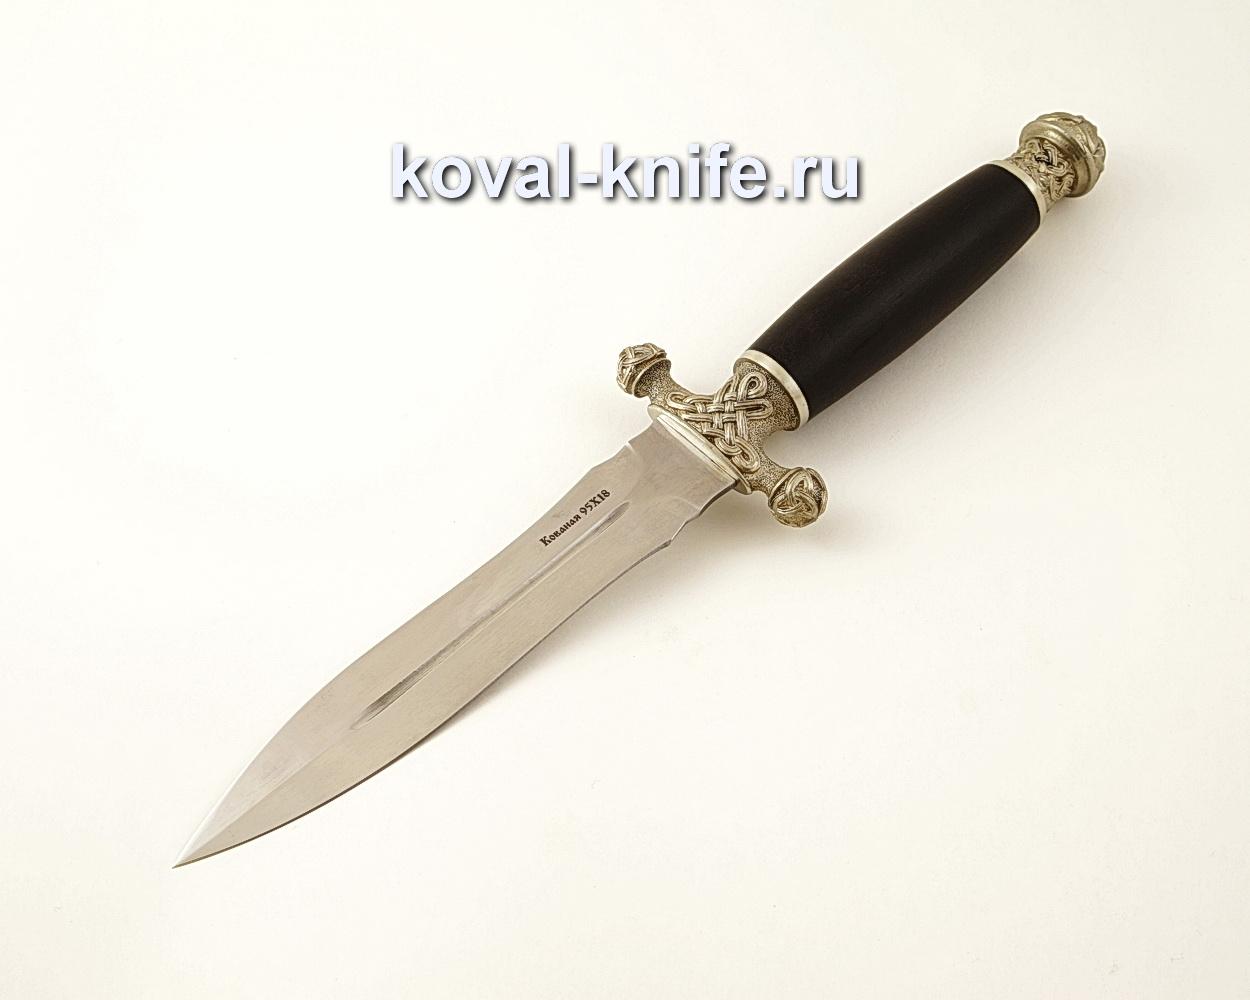 Нож Кардинал из кованой стали 95Х18 с рукоятью из черного граба A590